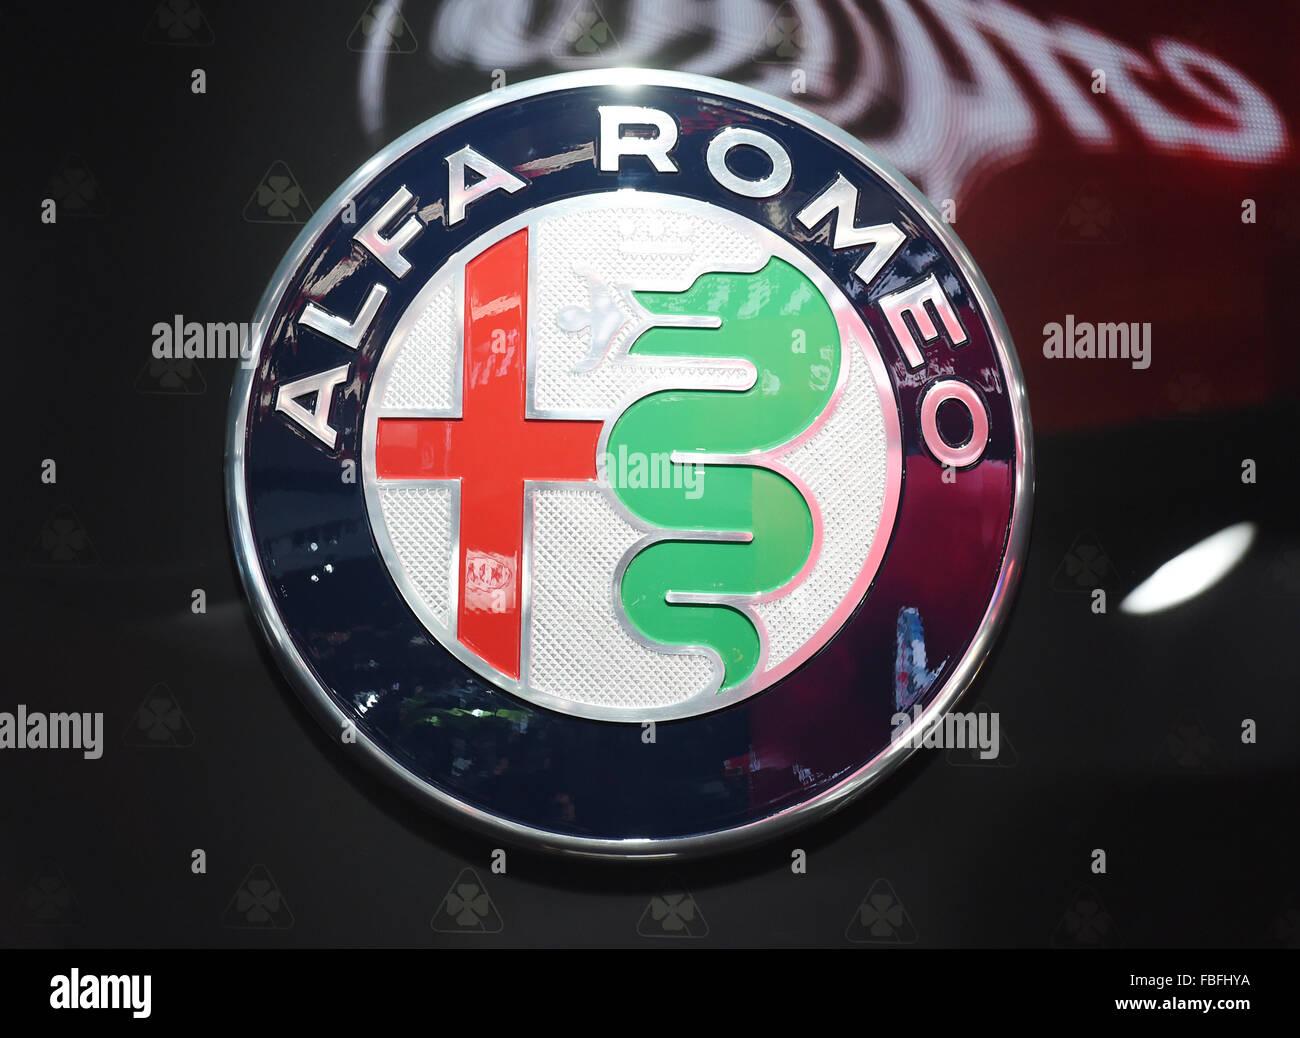 Alfa Romeo Logo Stock Photos Images Alamy Symbol Detroit Michigan Usa 12th Jan 2015 An Seen